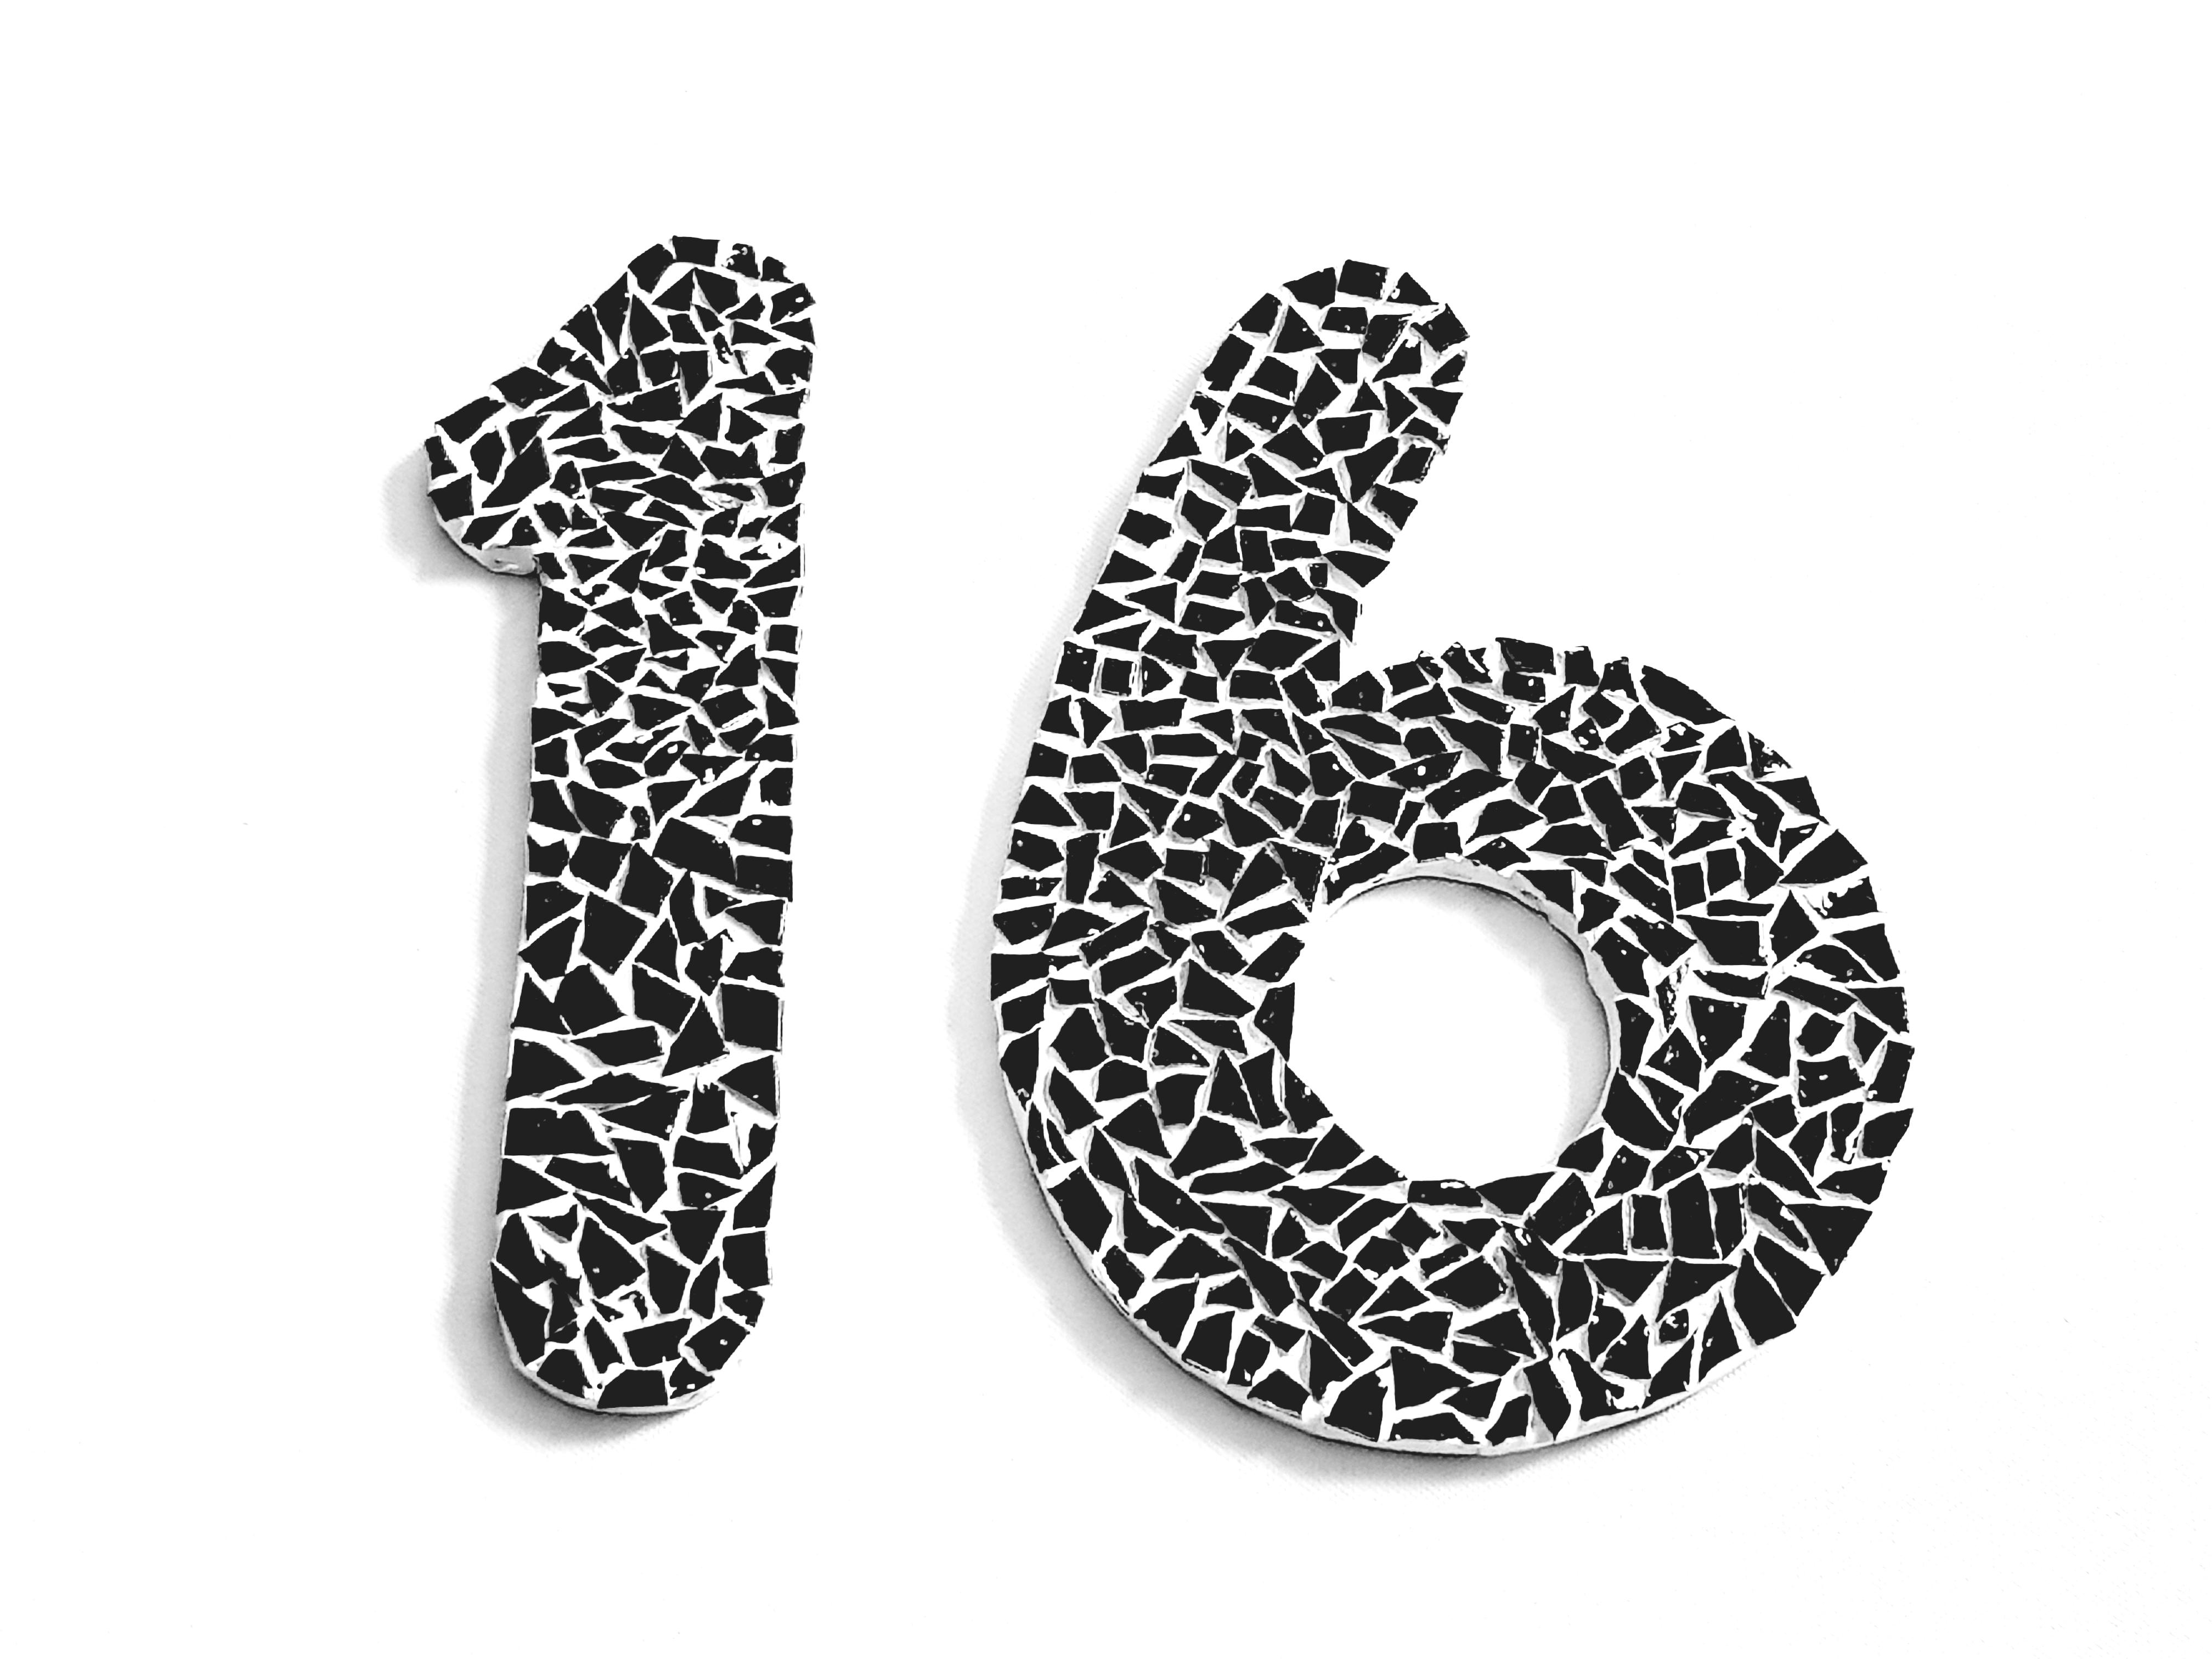 Single mosaic house numbers in black - Sivan's